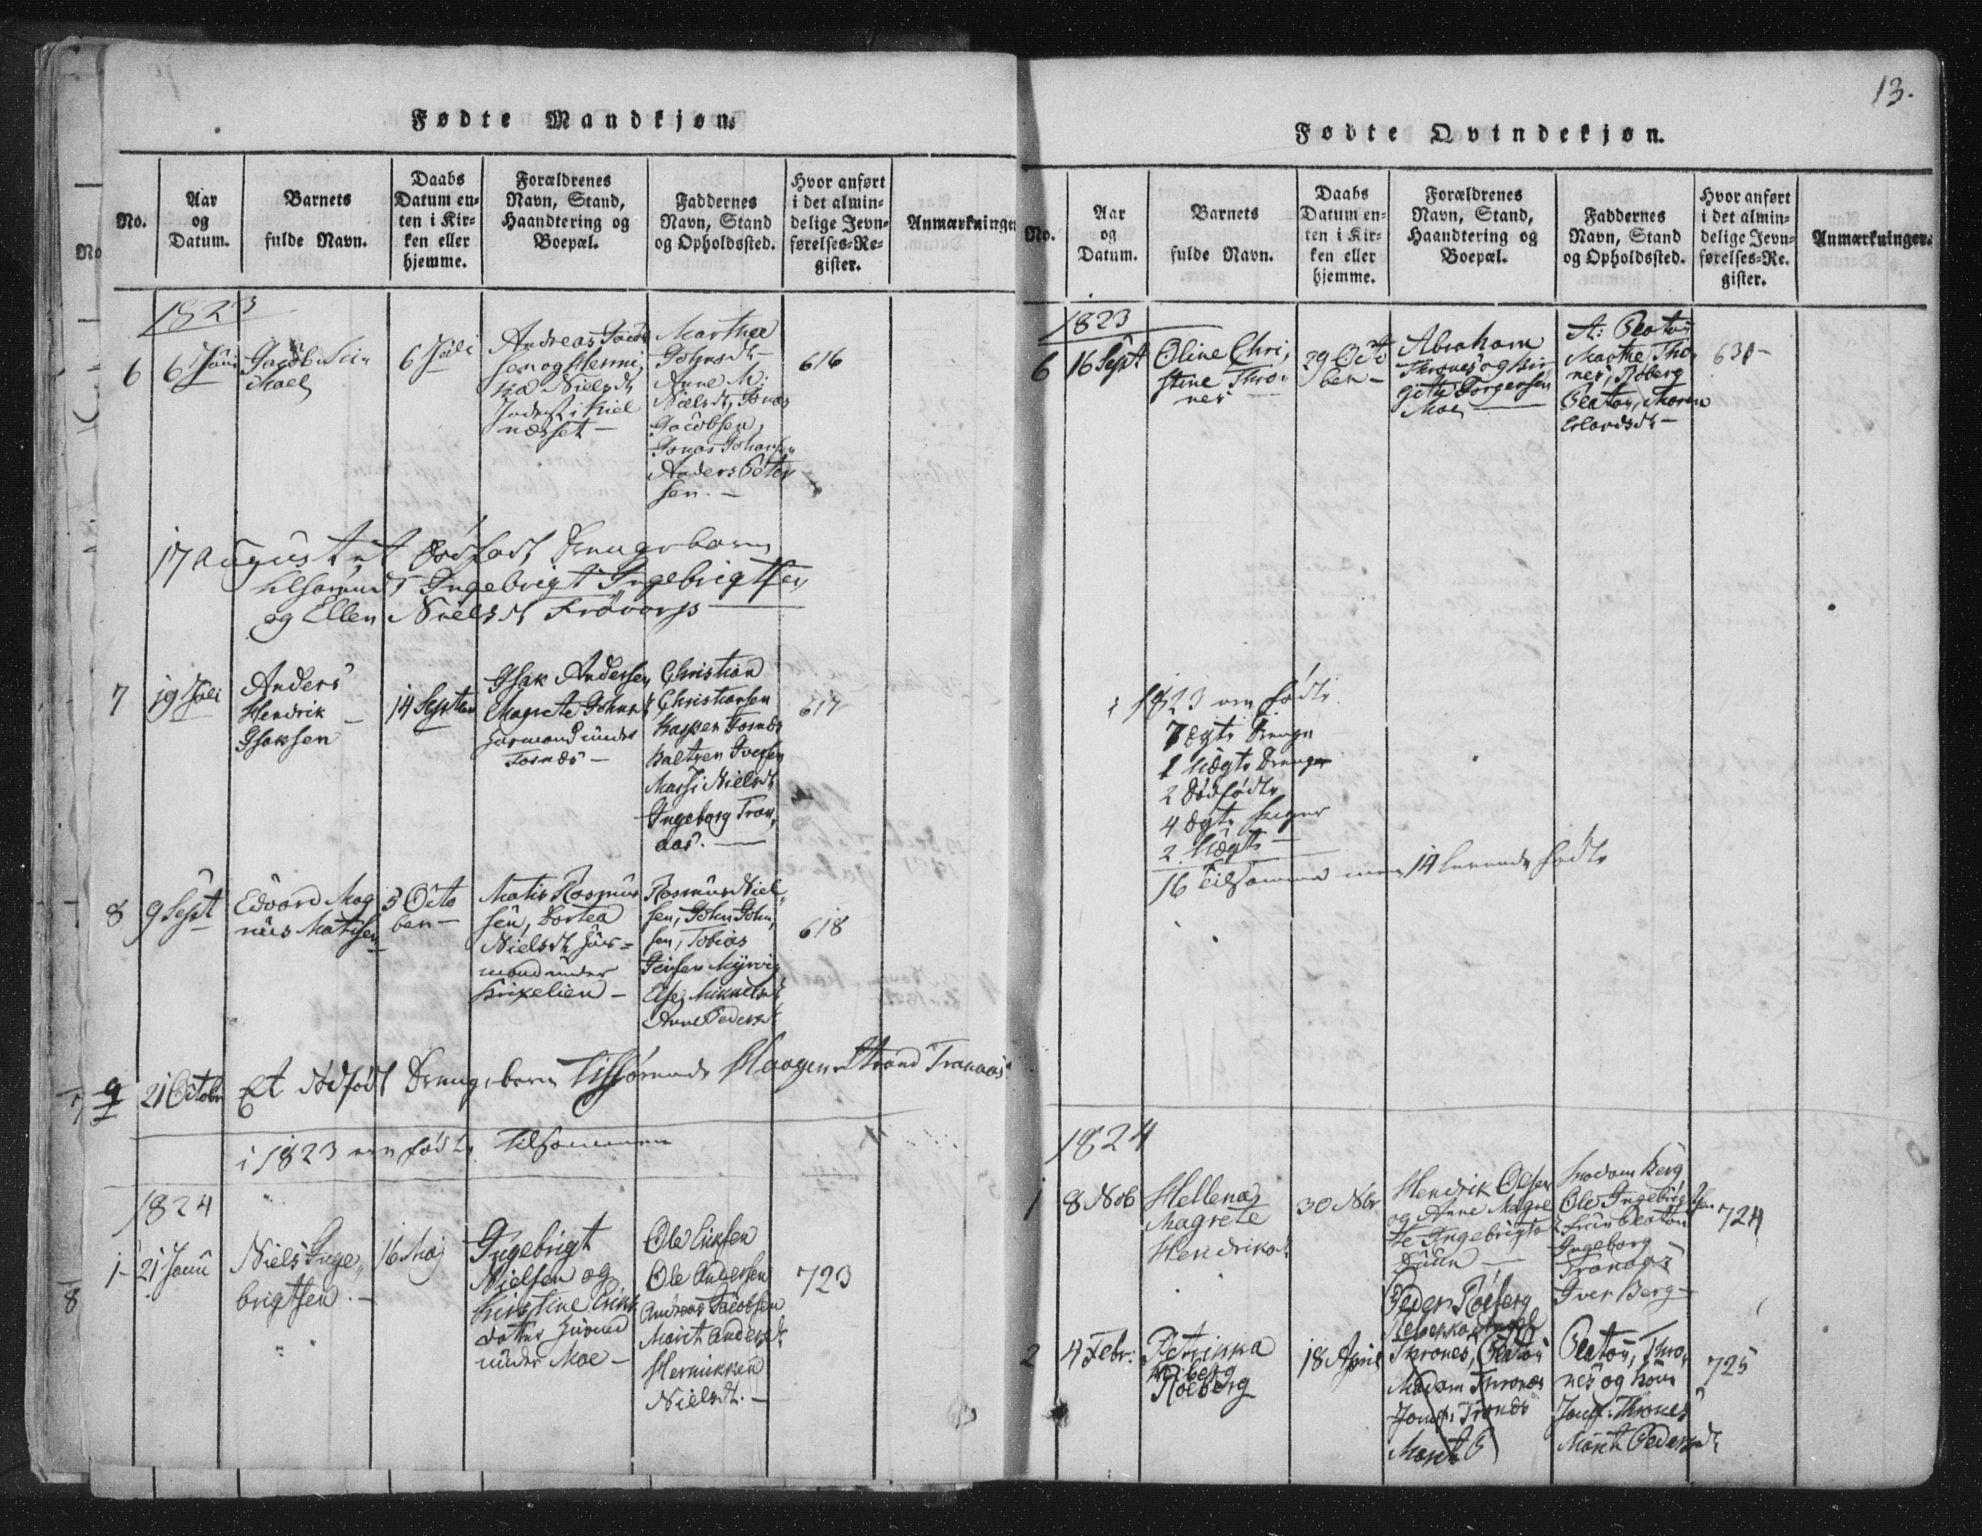 SAT, Ministerialprotokoller, klokkerbøker og fødselsregistre - Nord-Trøndelag, 773/L0609: Ministerialbok nr. 773A03 /1, 1815-1830, s. 13